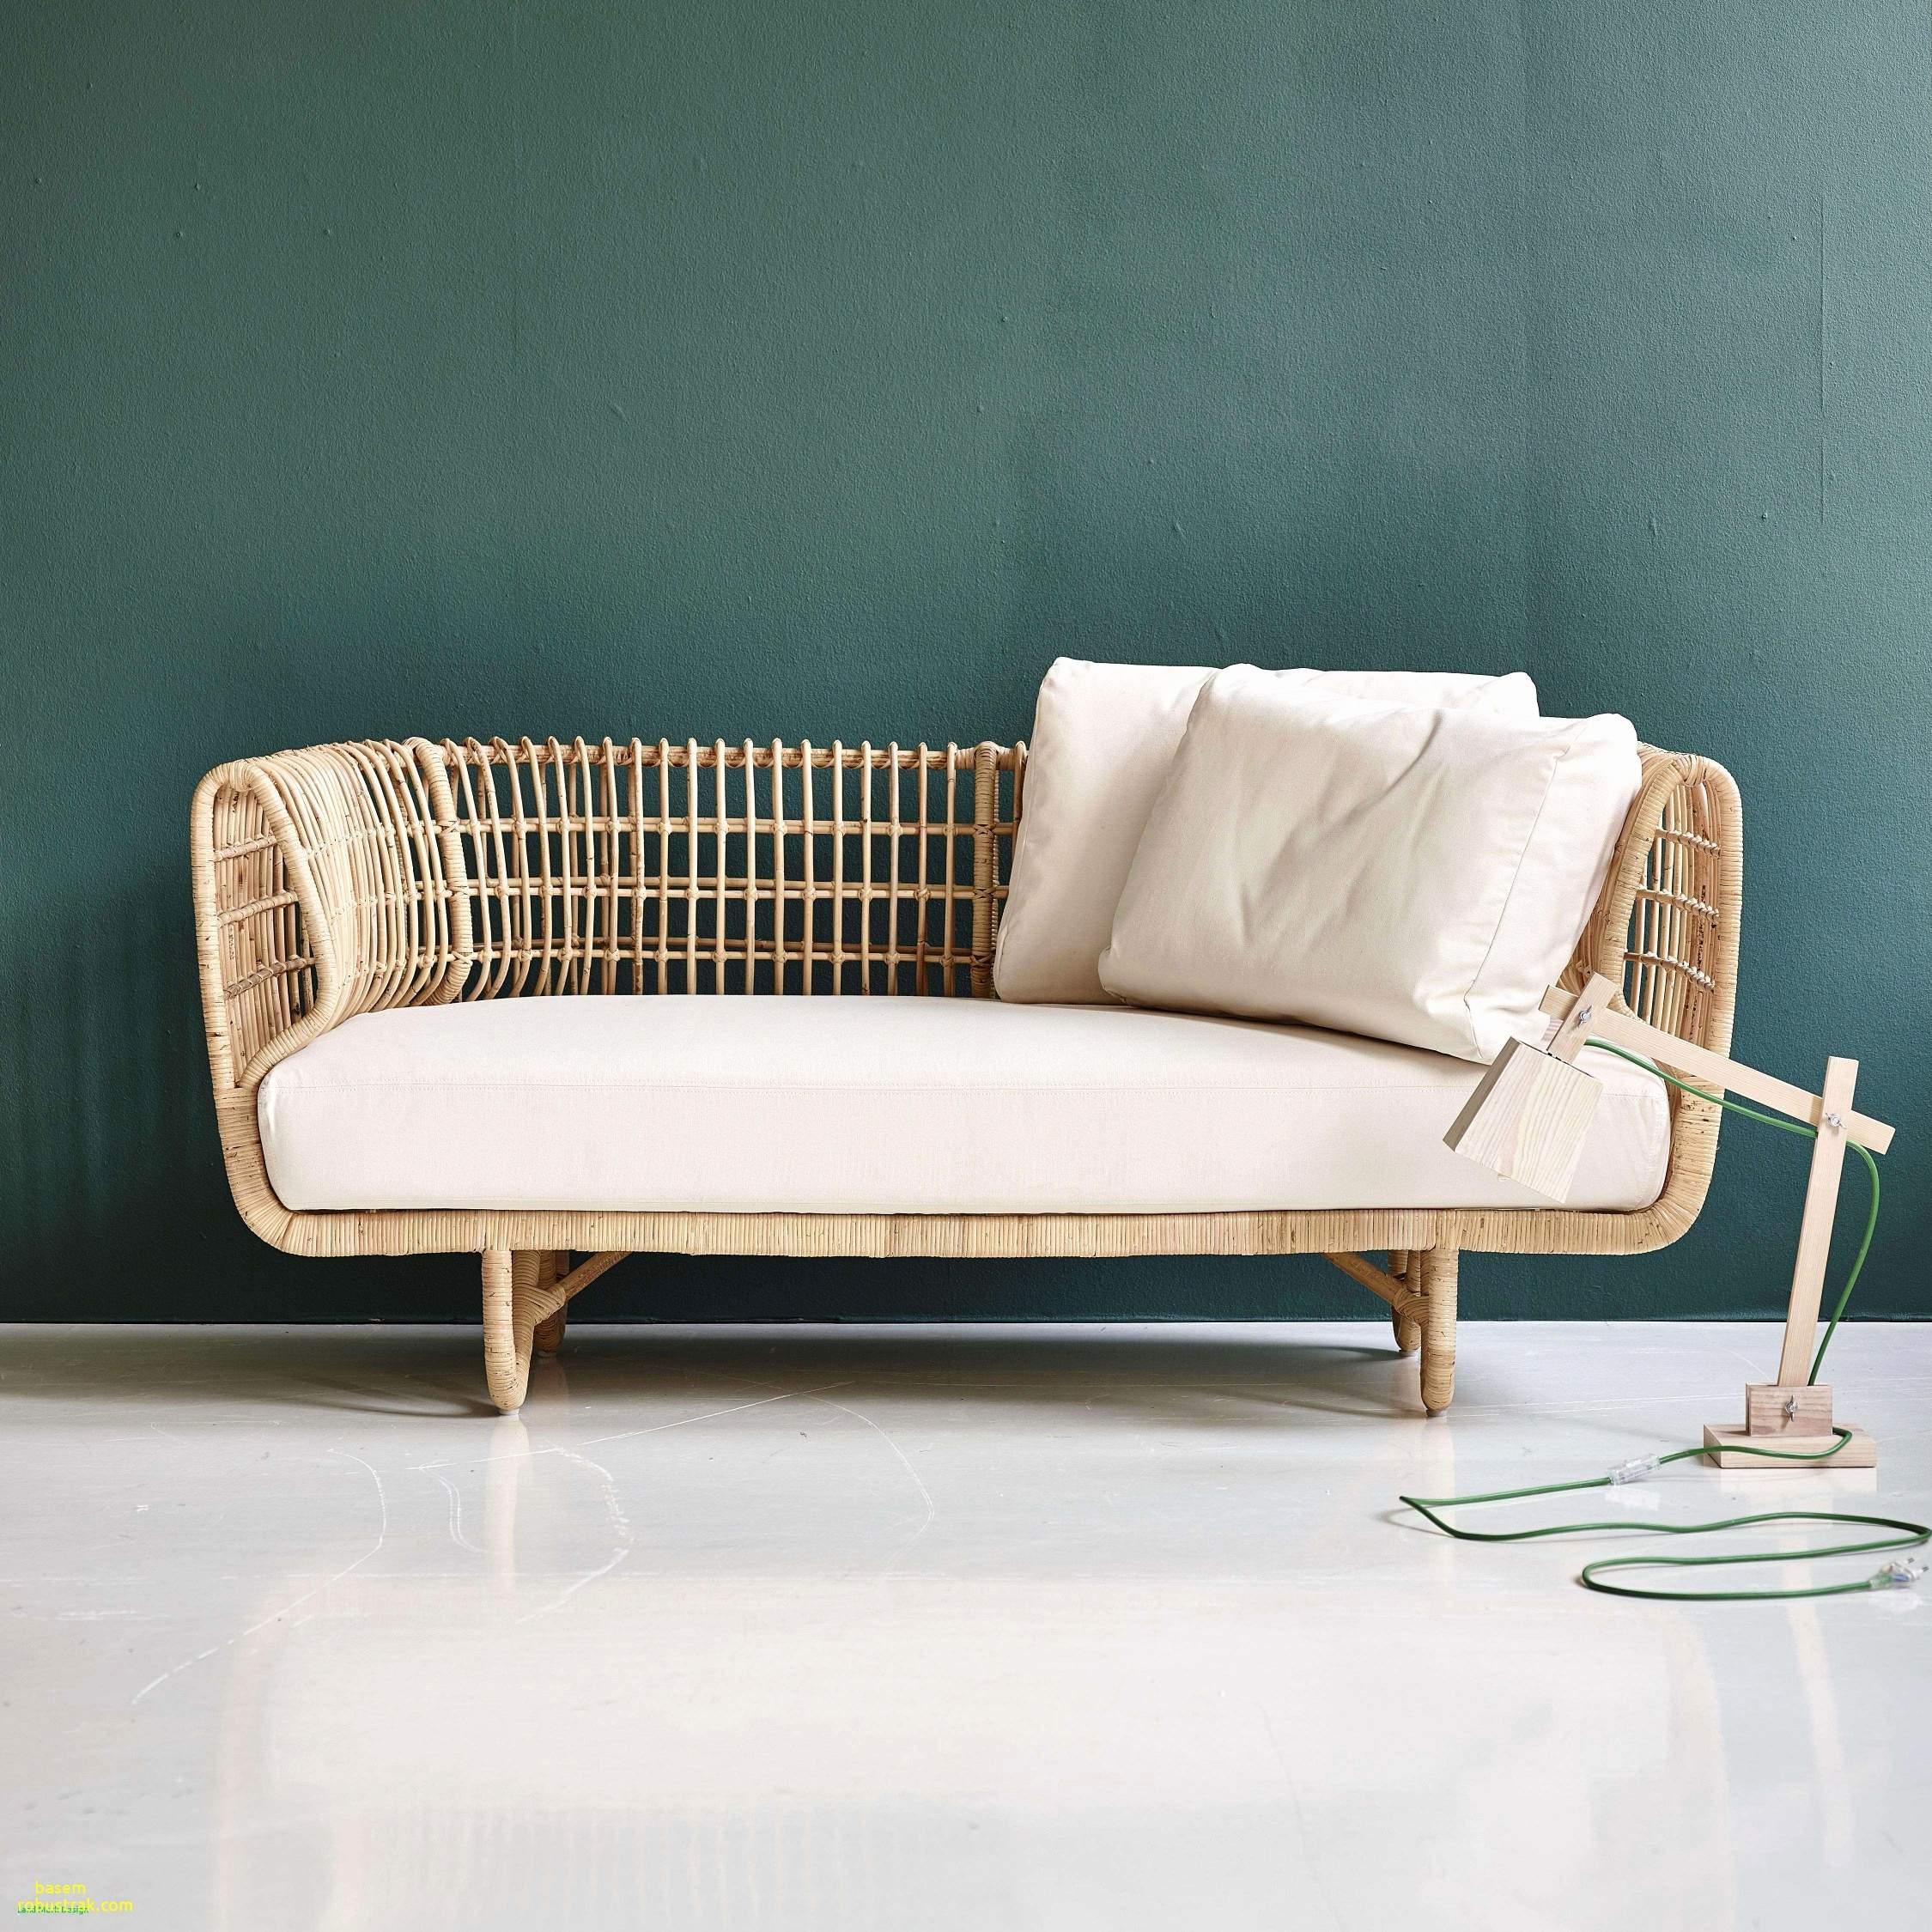 garten couch einzigartig joop decke grau luxus couch rund luxus hay sofa bild von hay of garten couch